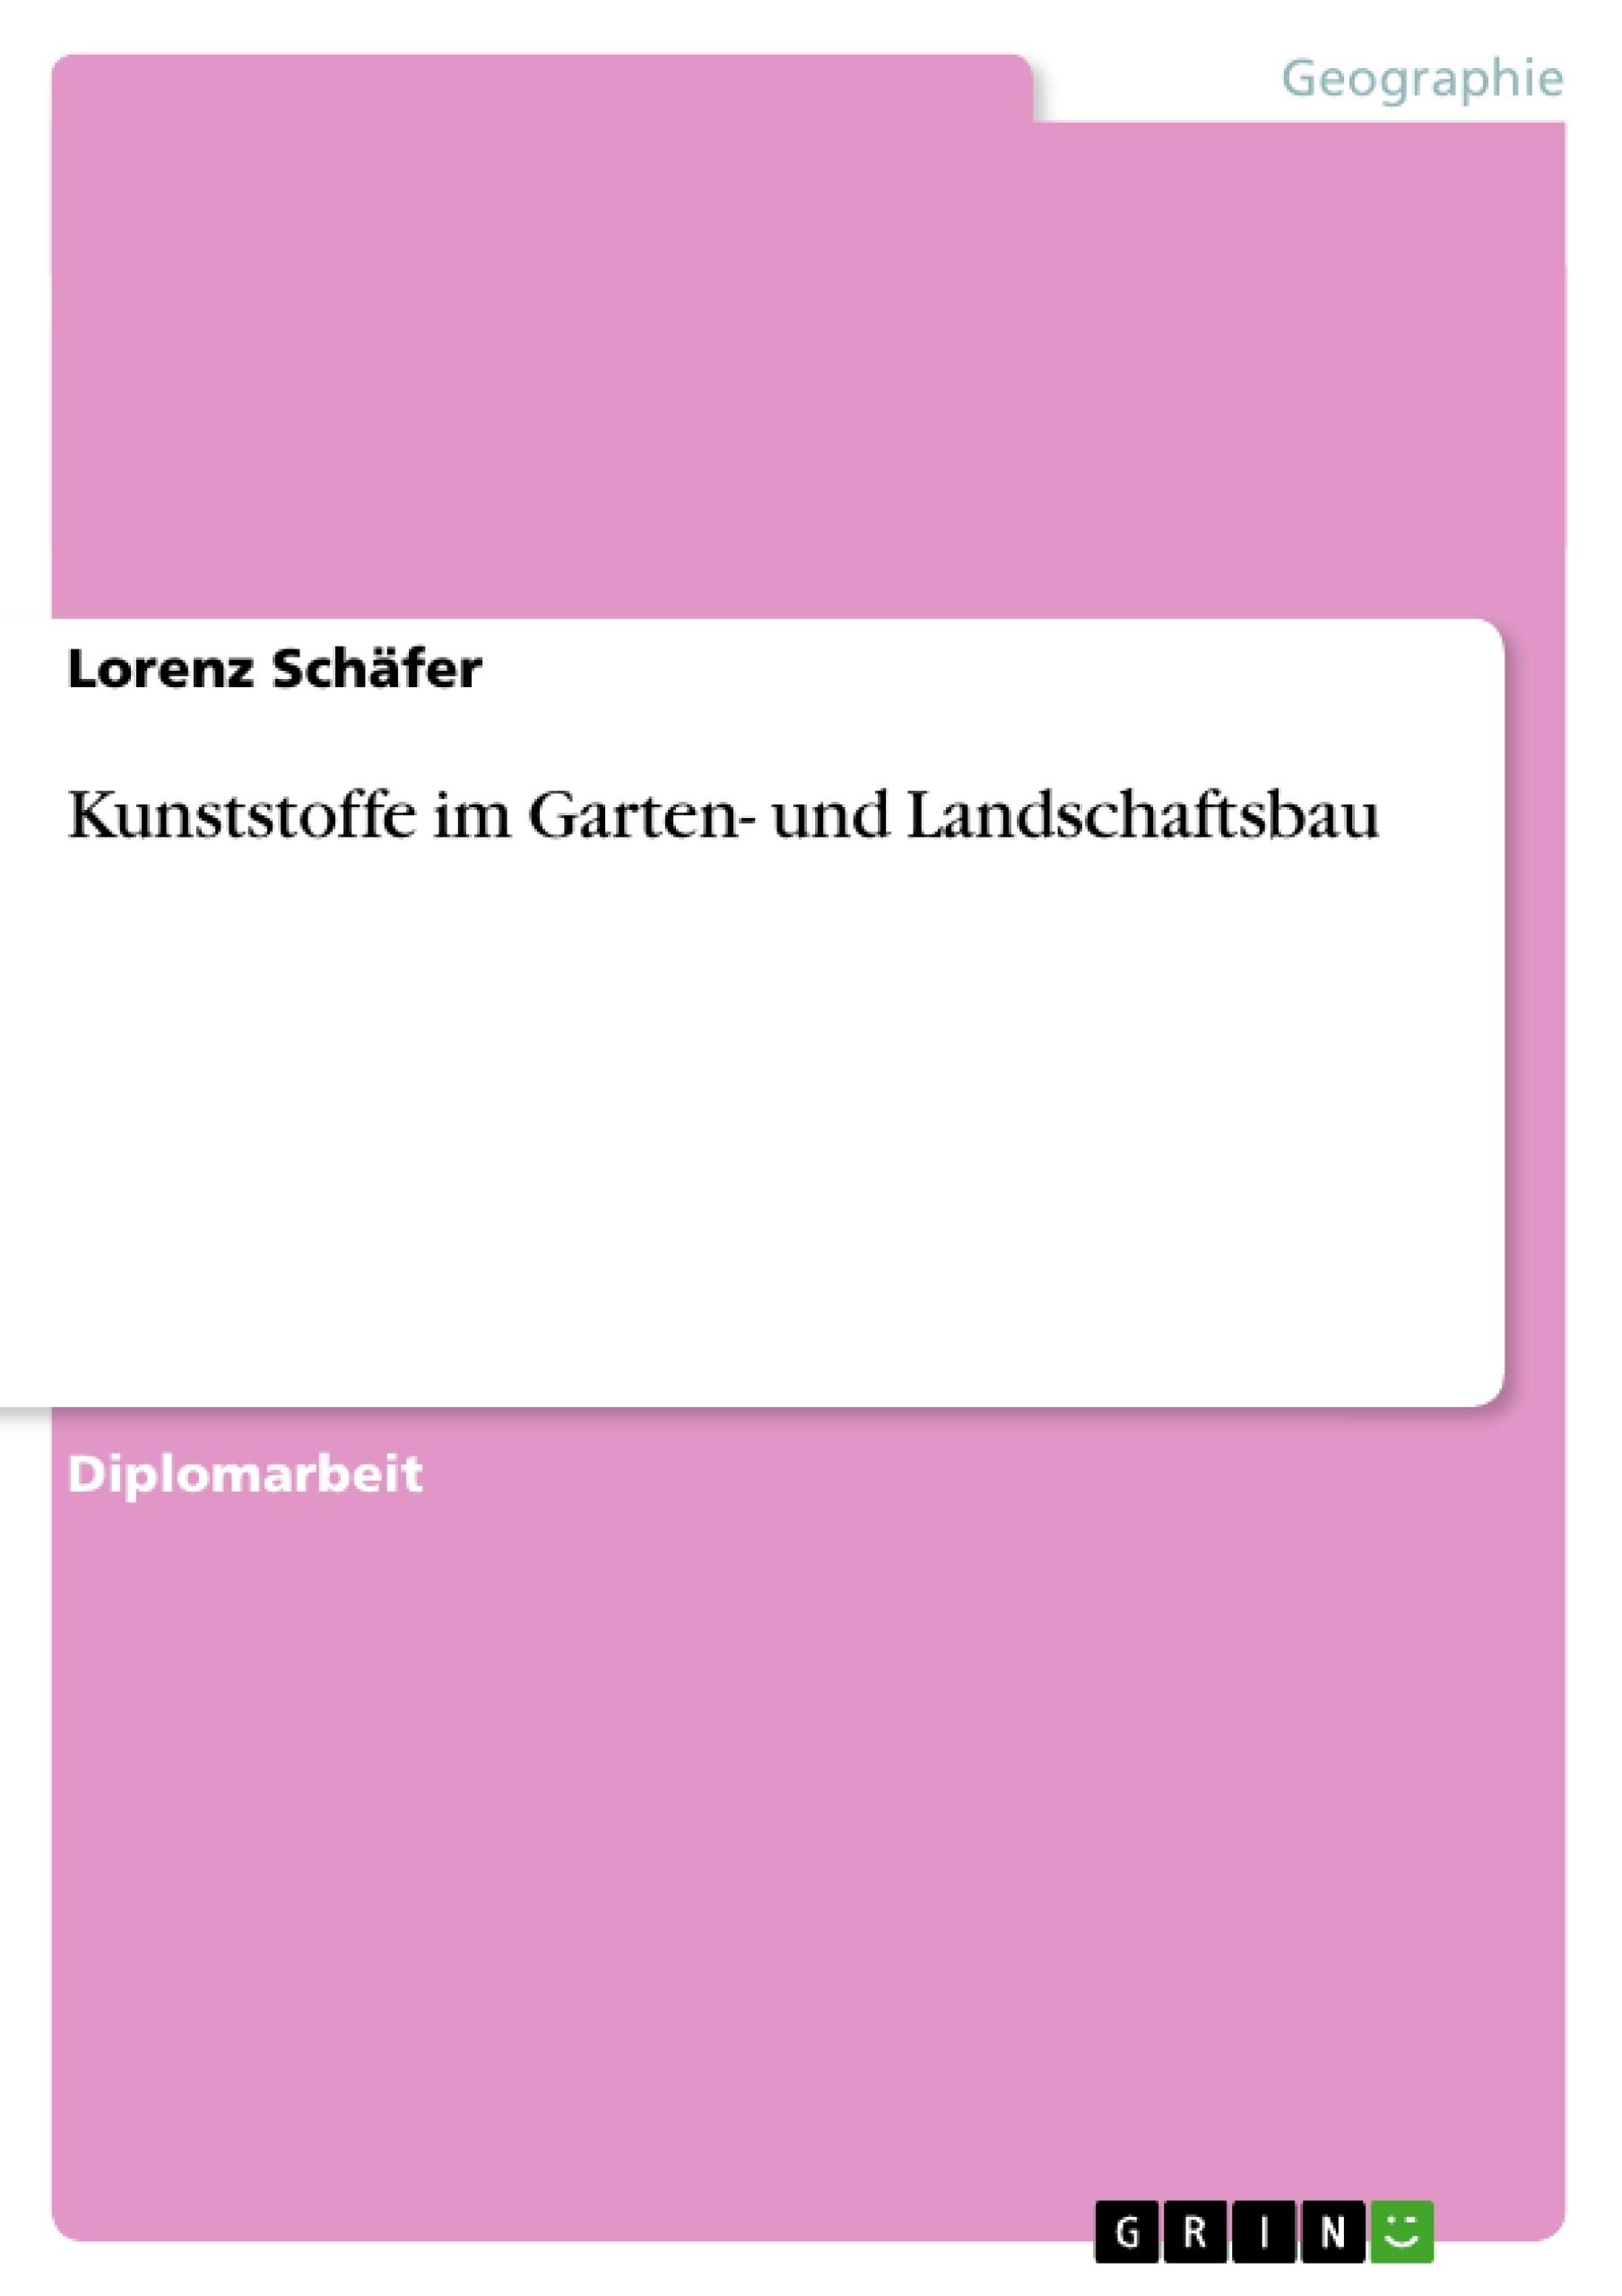 Titel: Kunststoffe im Garten- und Landschaftsbau